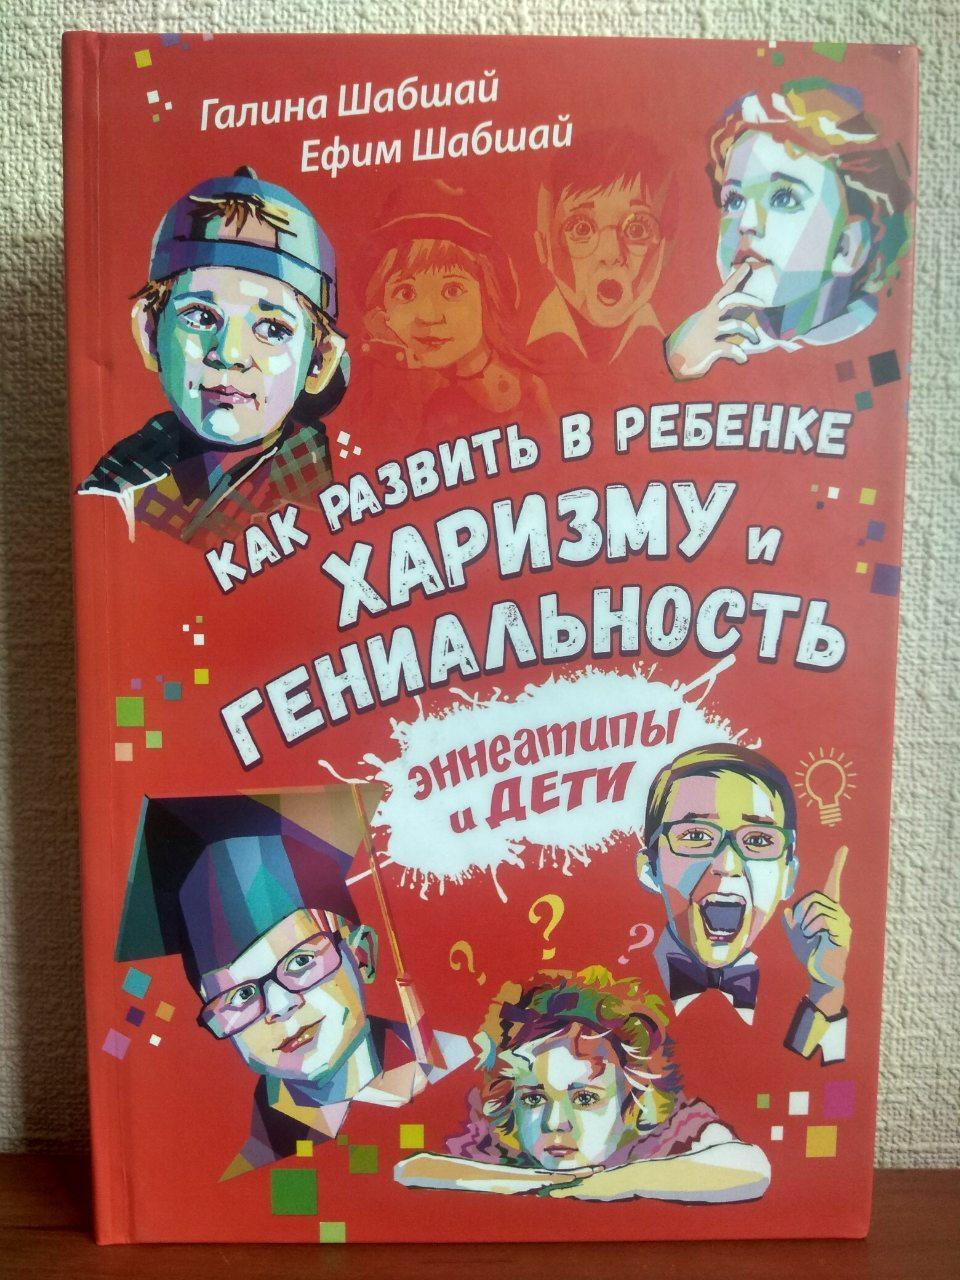 """Книга """" Как развить в ребенке харизму и гениальность. Эннеатипы и дети"""" Галина Шабшай Ефим Шабшай"""